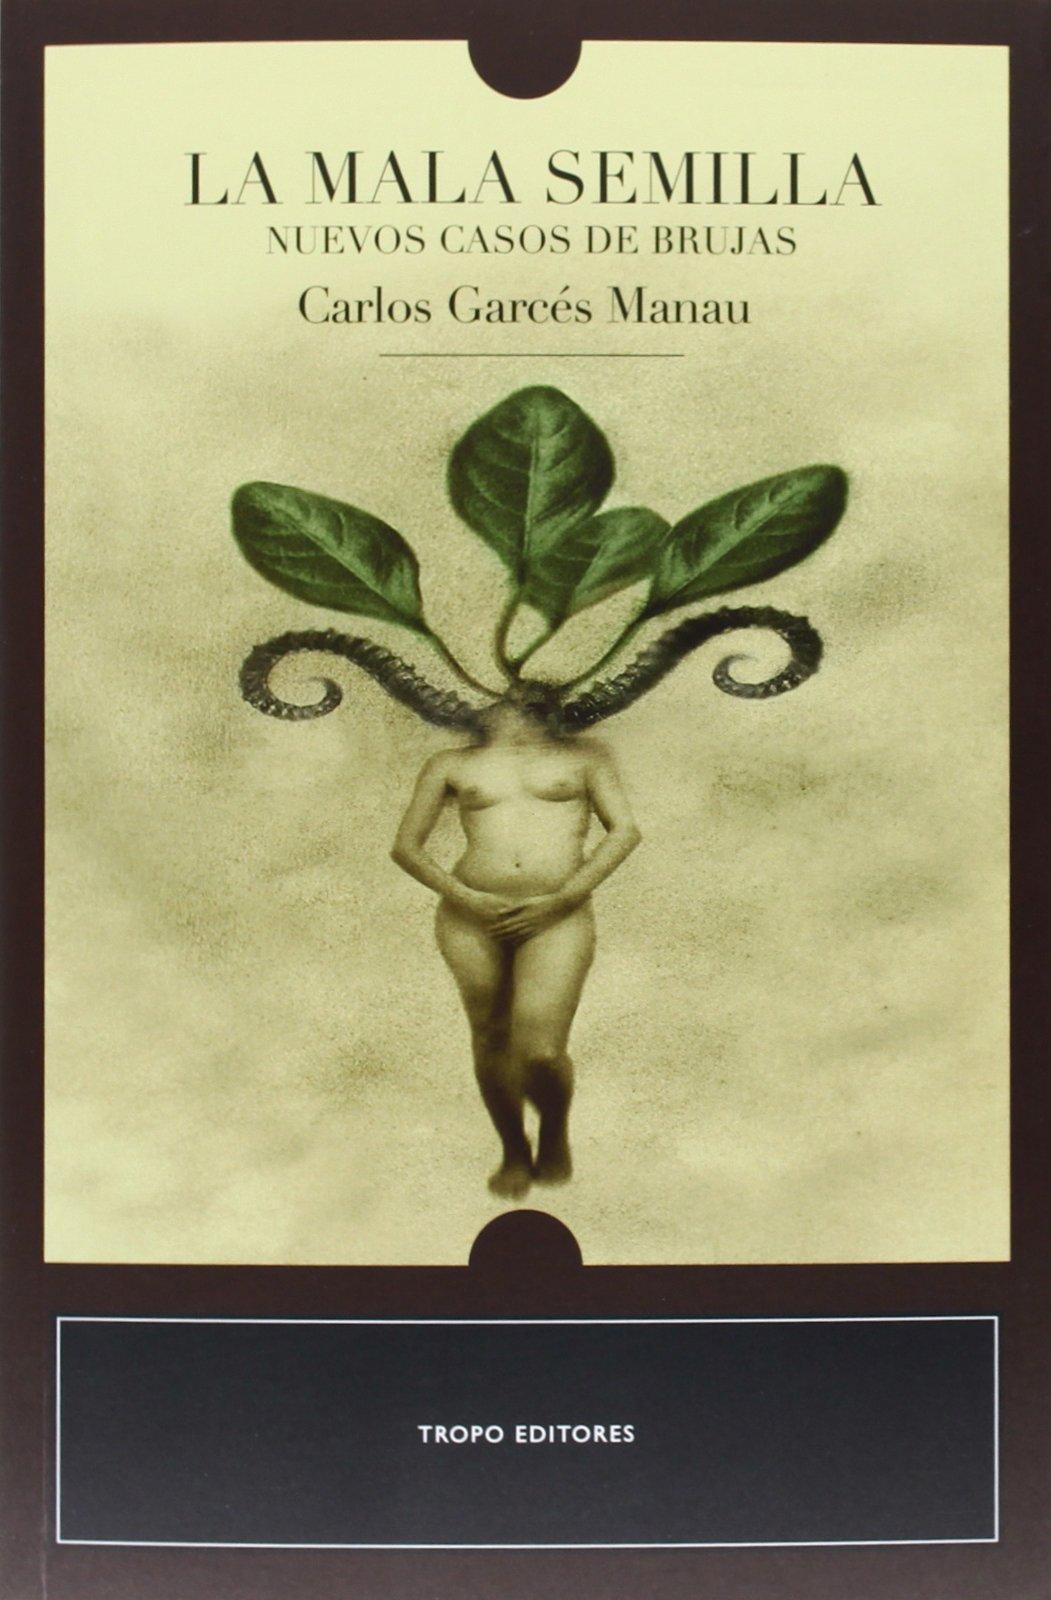 La mala semilla: Nuevos casos de brujas Biblioteca Del Olvido: Amazon.es: Garcés Manau, Carlos: Libros